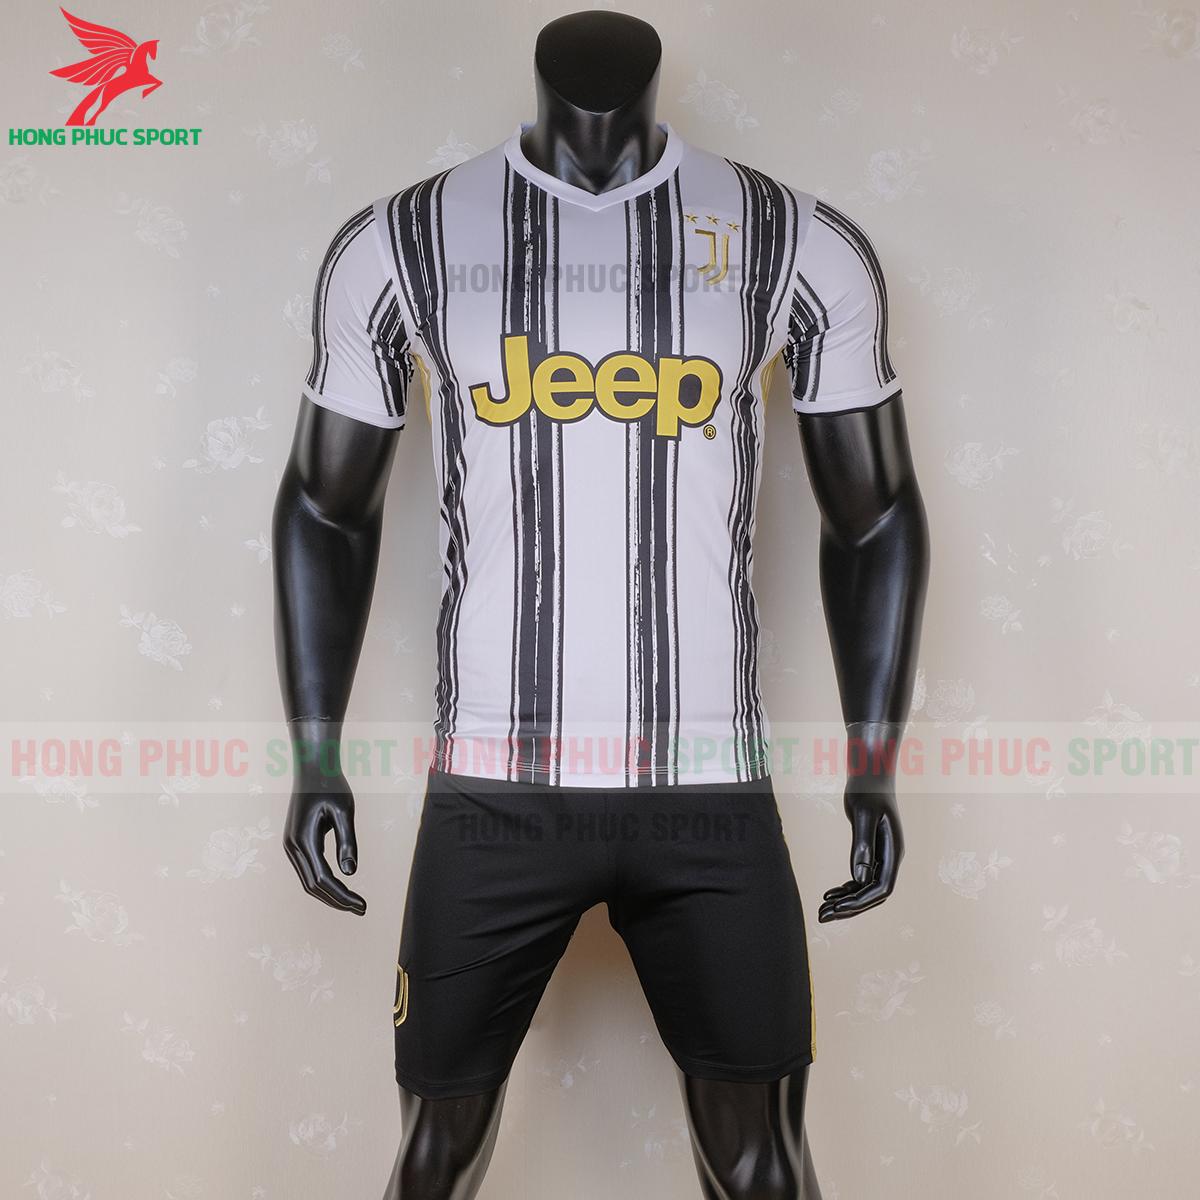 Áo đấu Juventus 2020 sân nhà (trước)